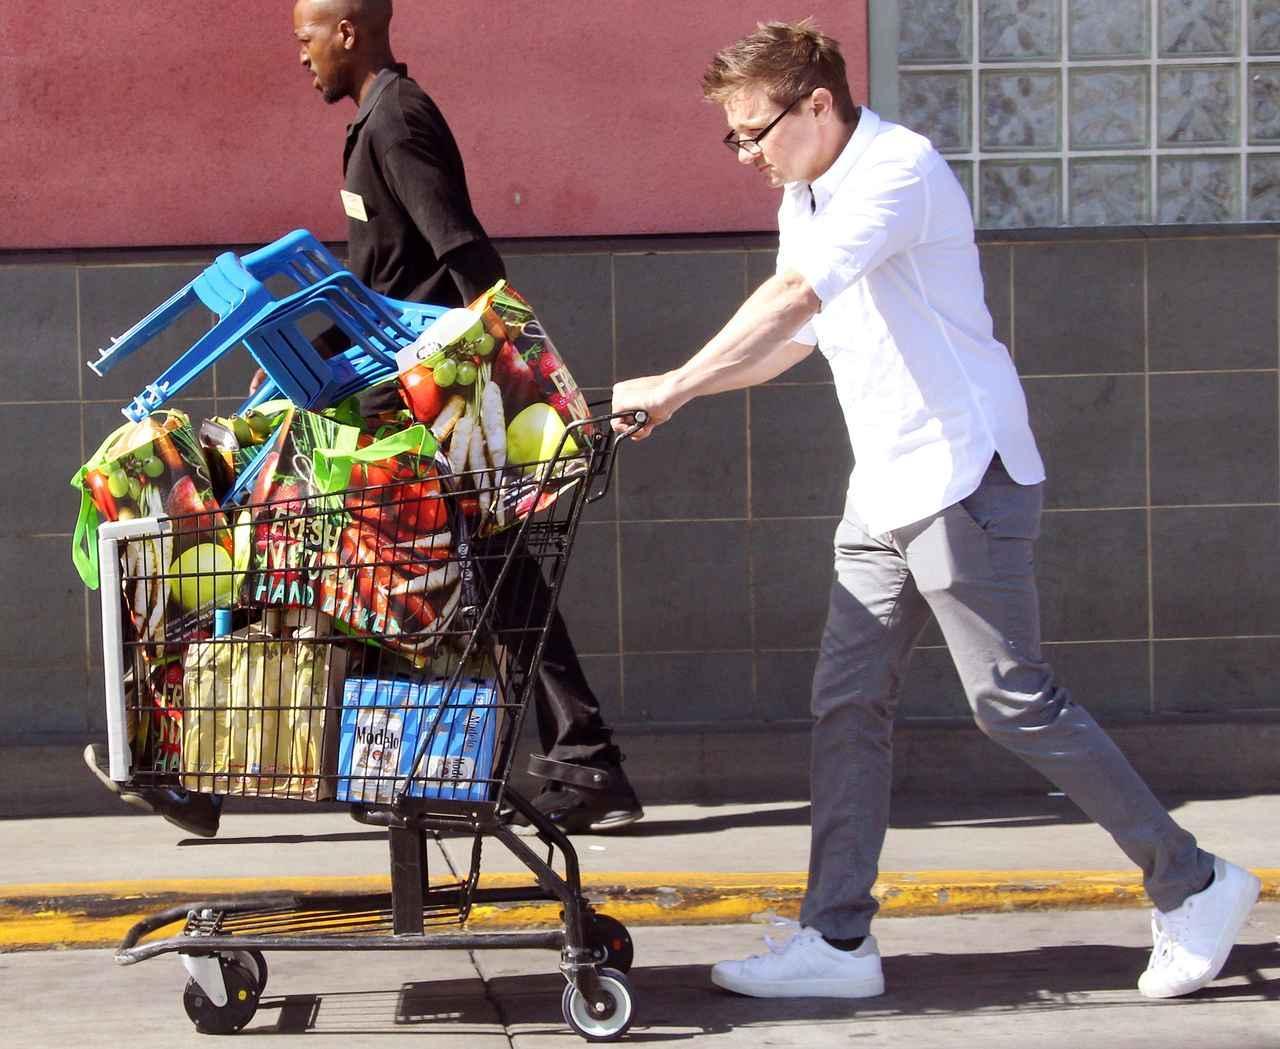 画像2: スーパーで買い物をするジェレミー・レナー